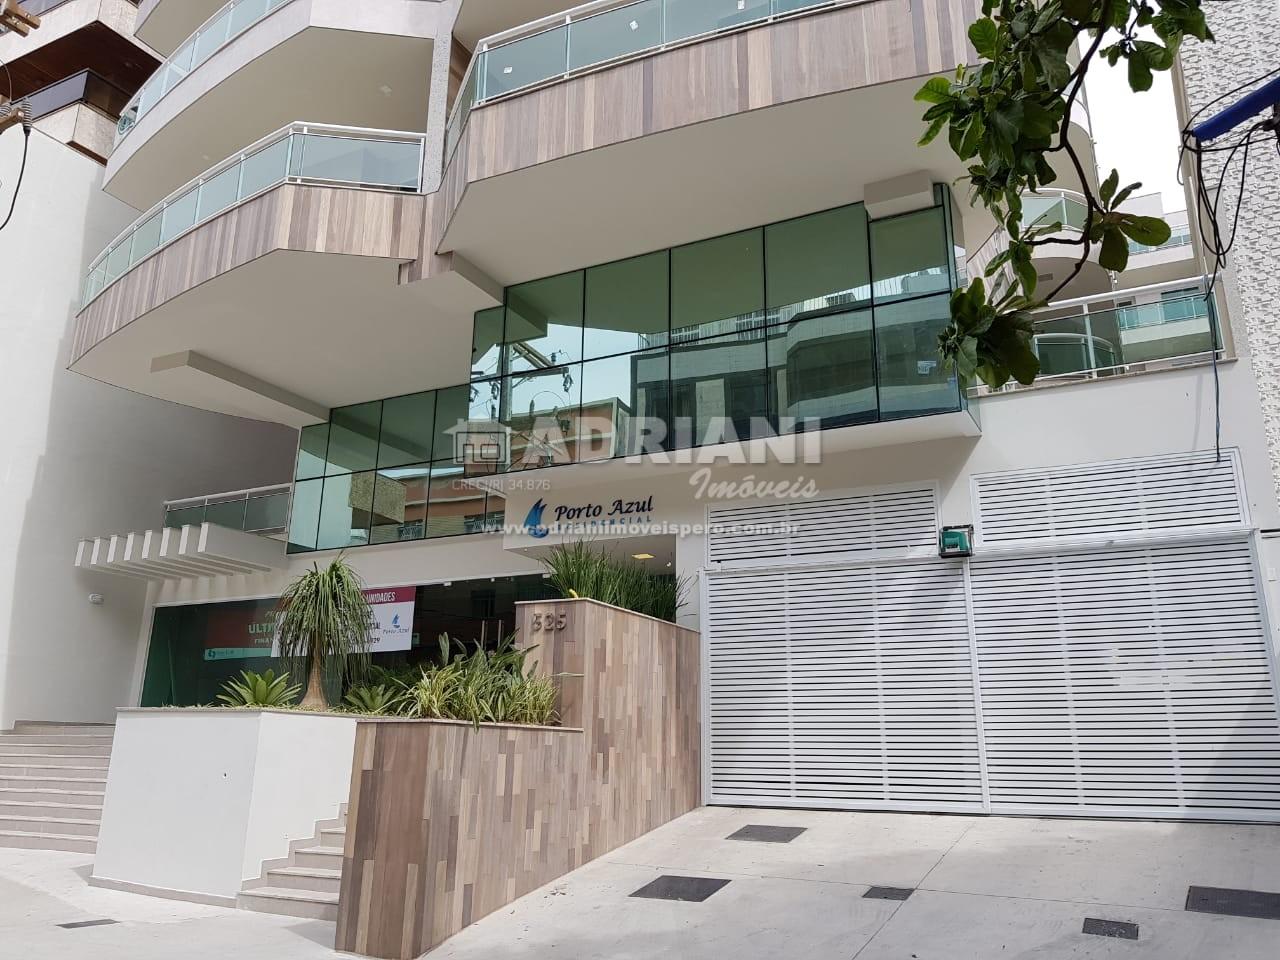 Cód 400 Apartamento, 1 suíte,venda,Centro, Cabo Frio – RJ